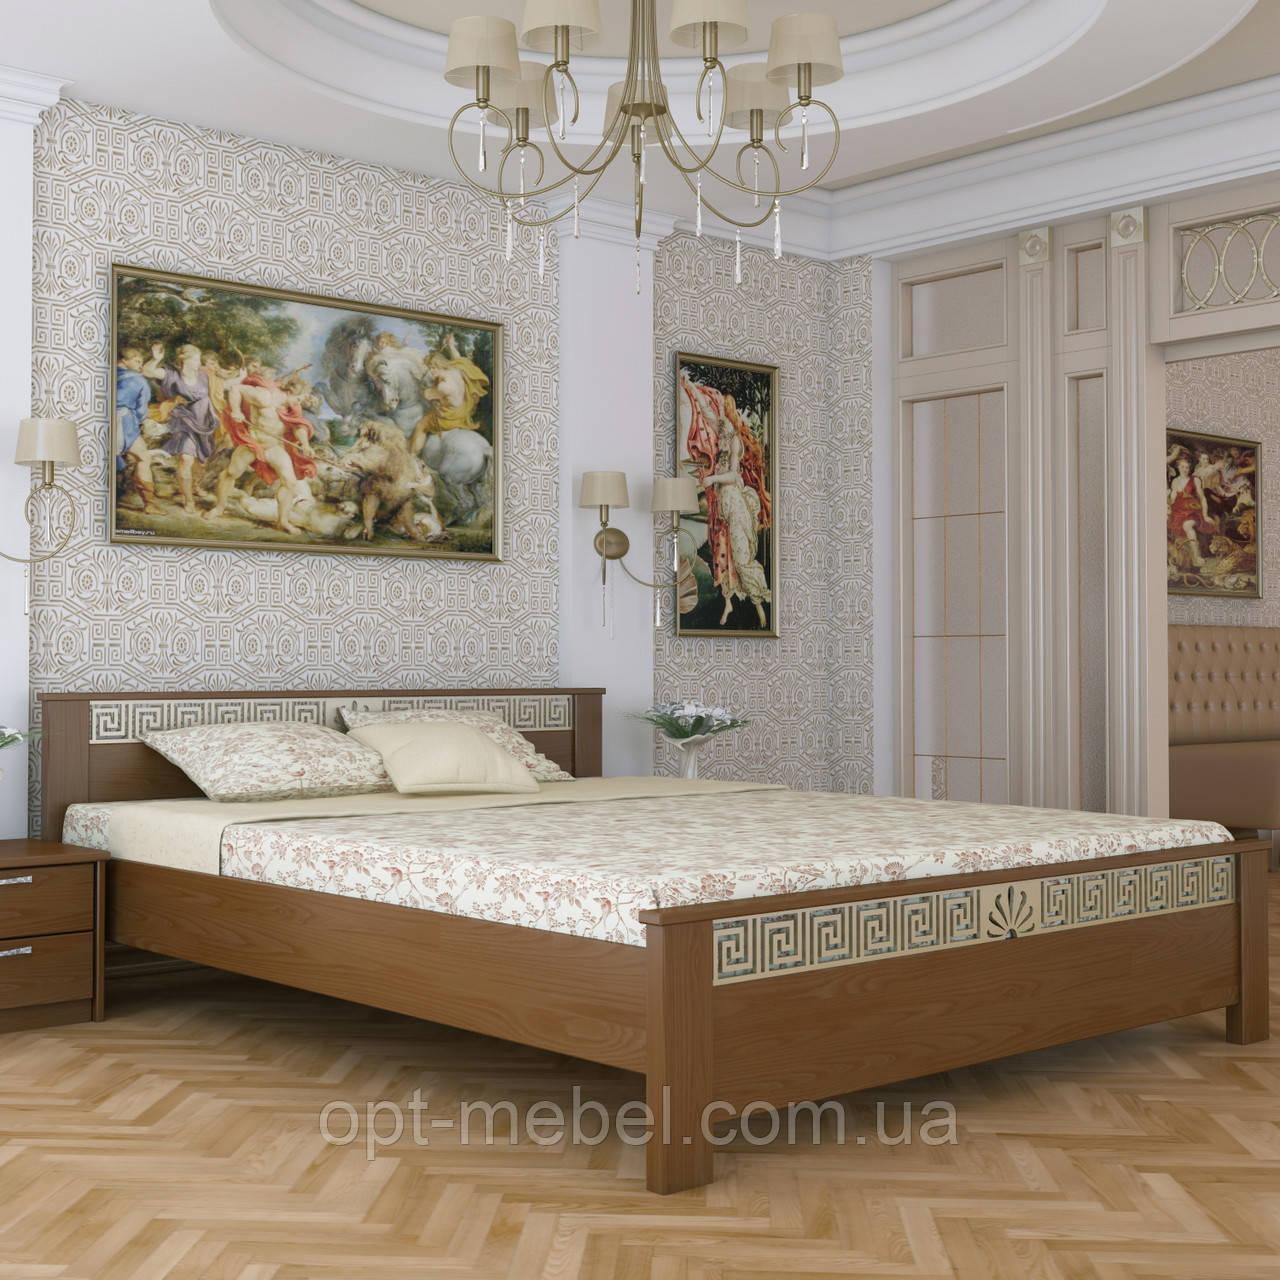 Кровать Афина Эстелла 160*200